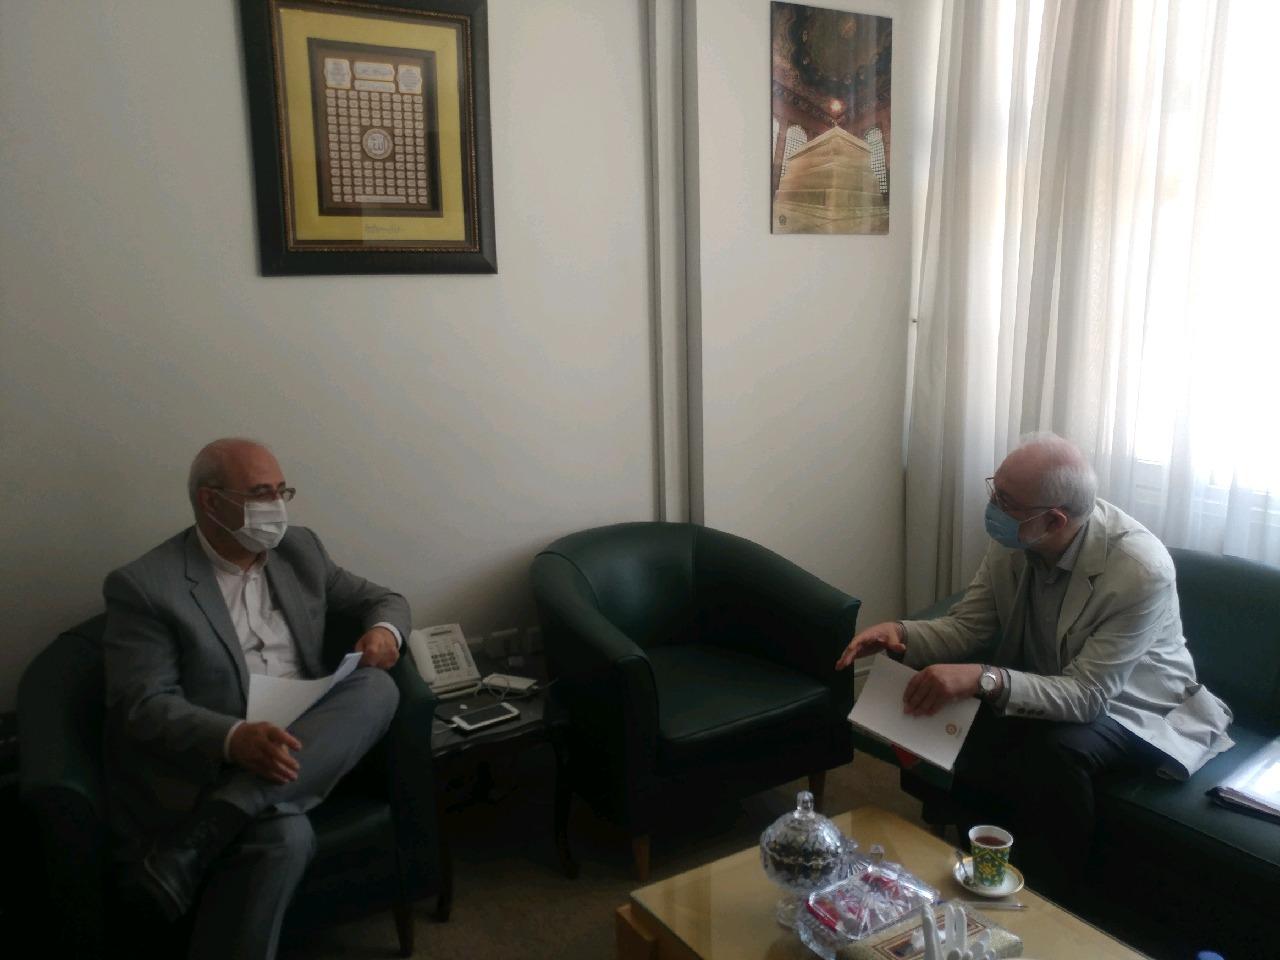 آقای مختار پور، دبیرکل نهاد کتابخانههای عمومی کشور با آقای حاجی دیدار کرد